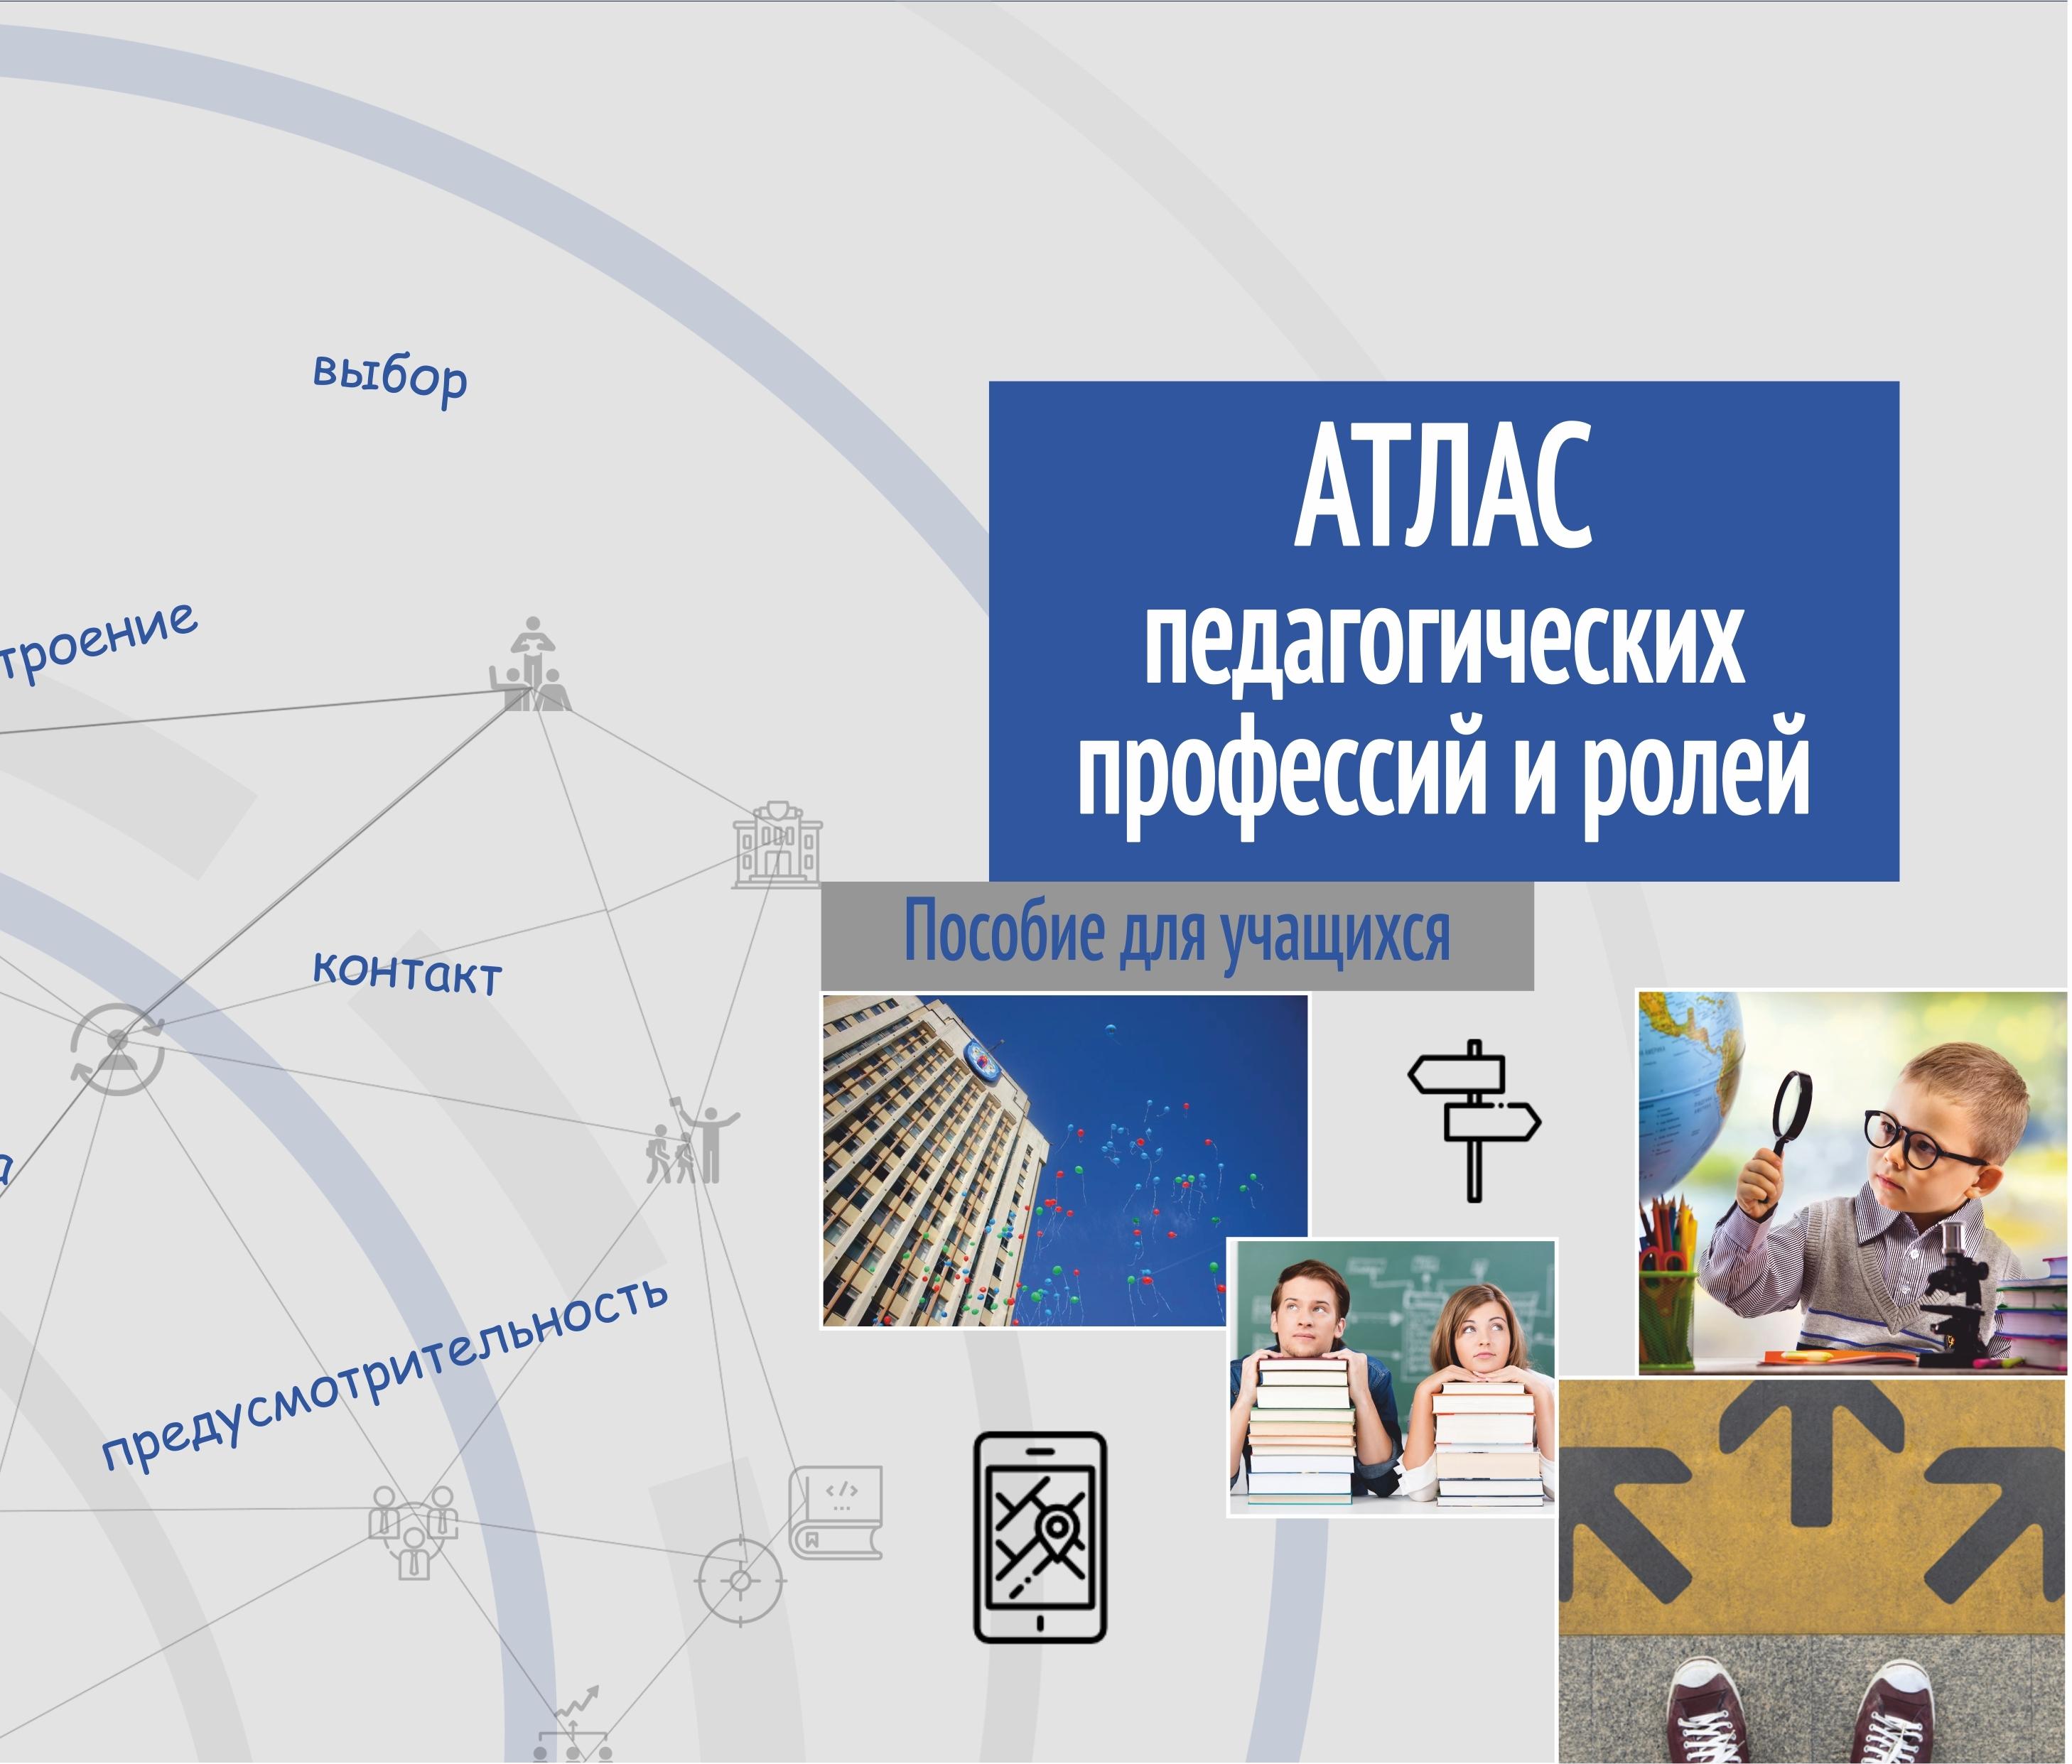 upd: Вышли новые учебные издания УМК для педагогических классов и групп